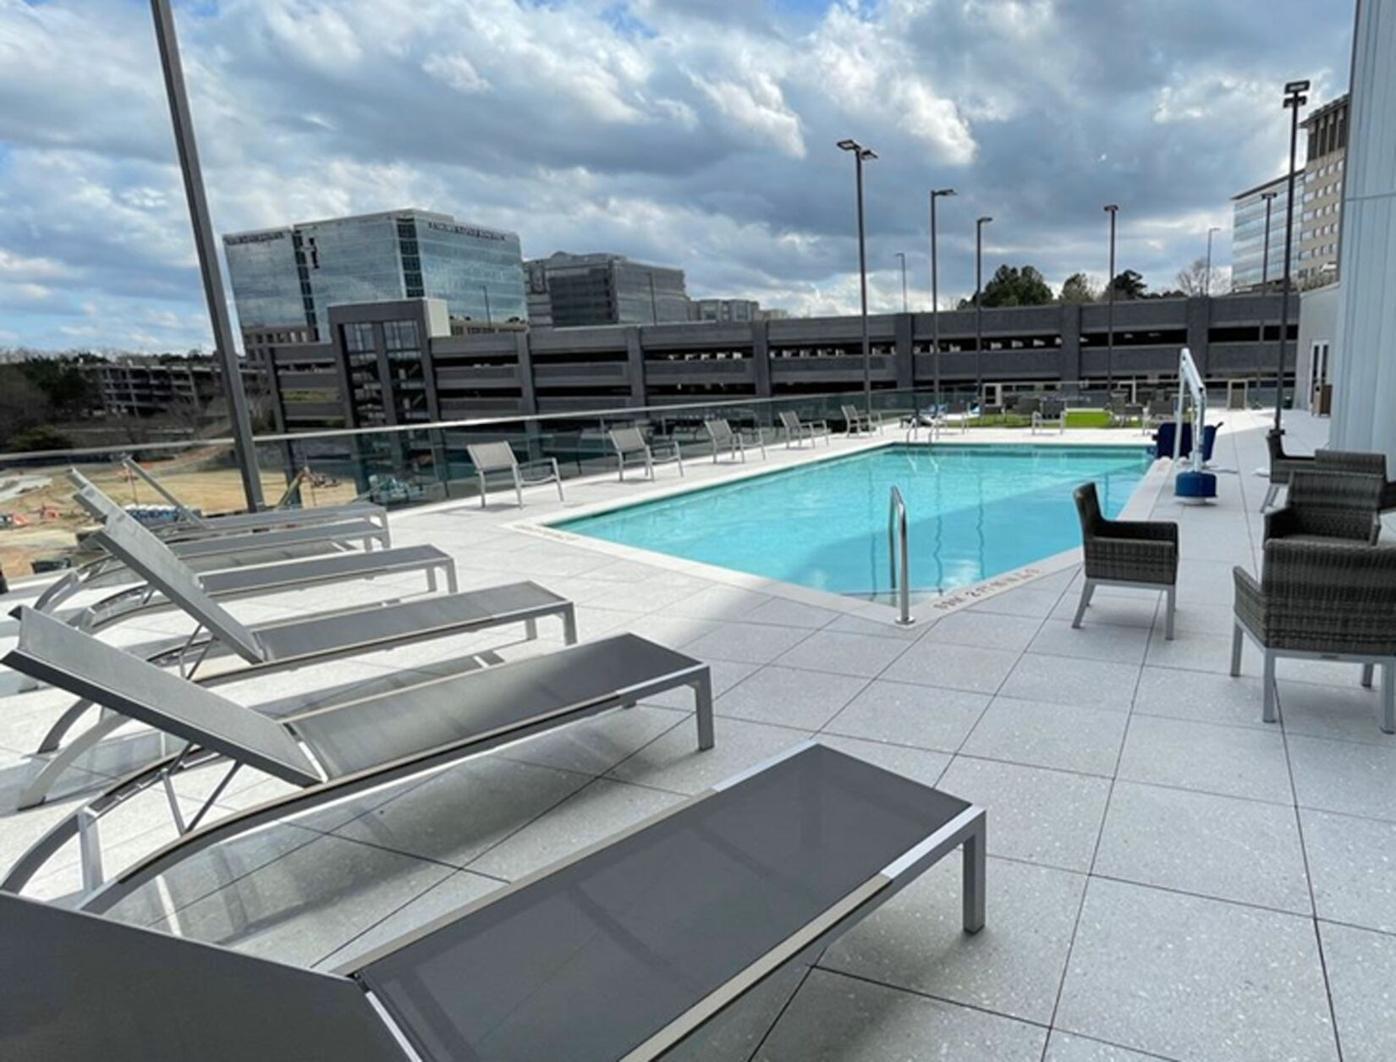 031721_MNS_Hyatt_House_003 Hyatt House Atlanta/Perimeter Center pool